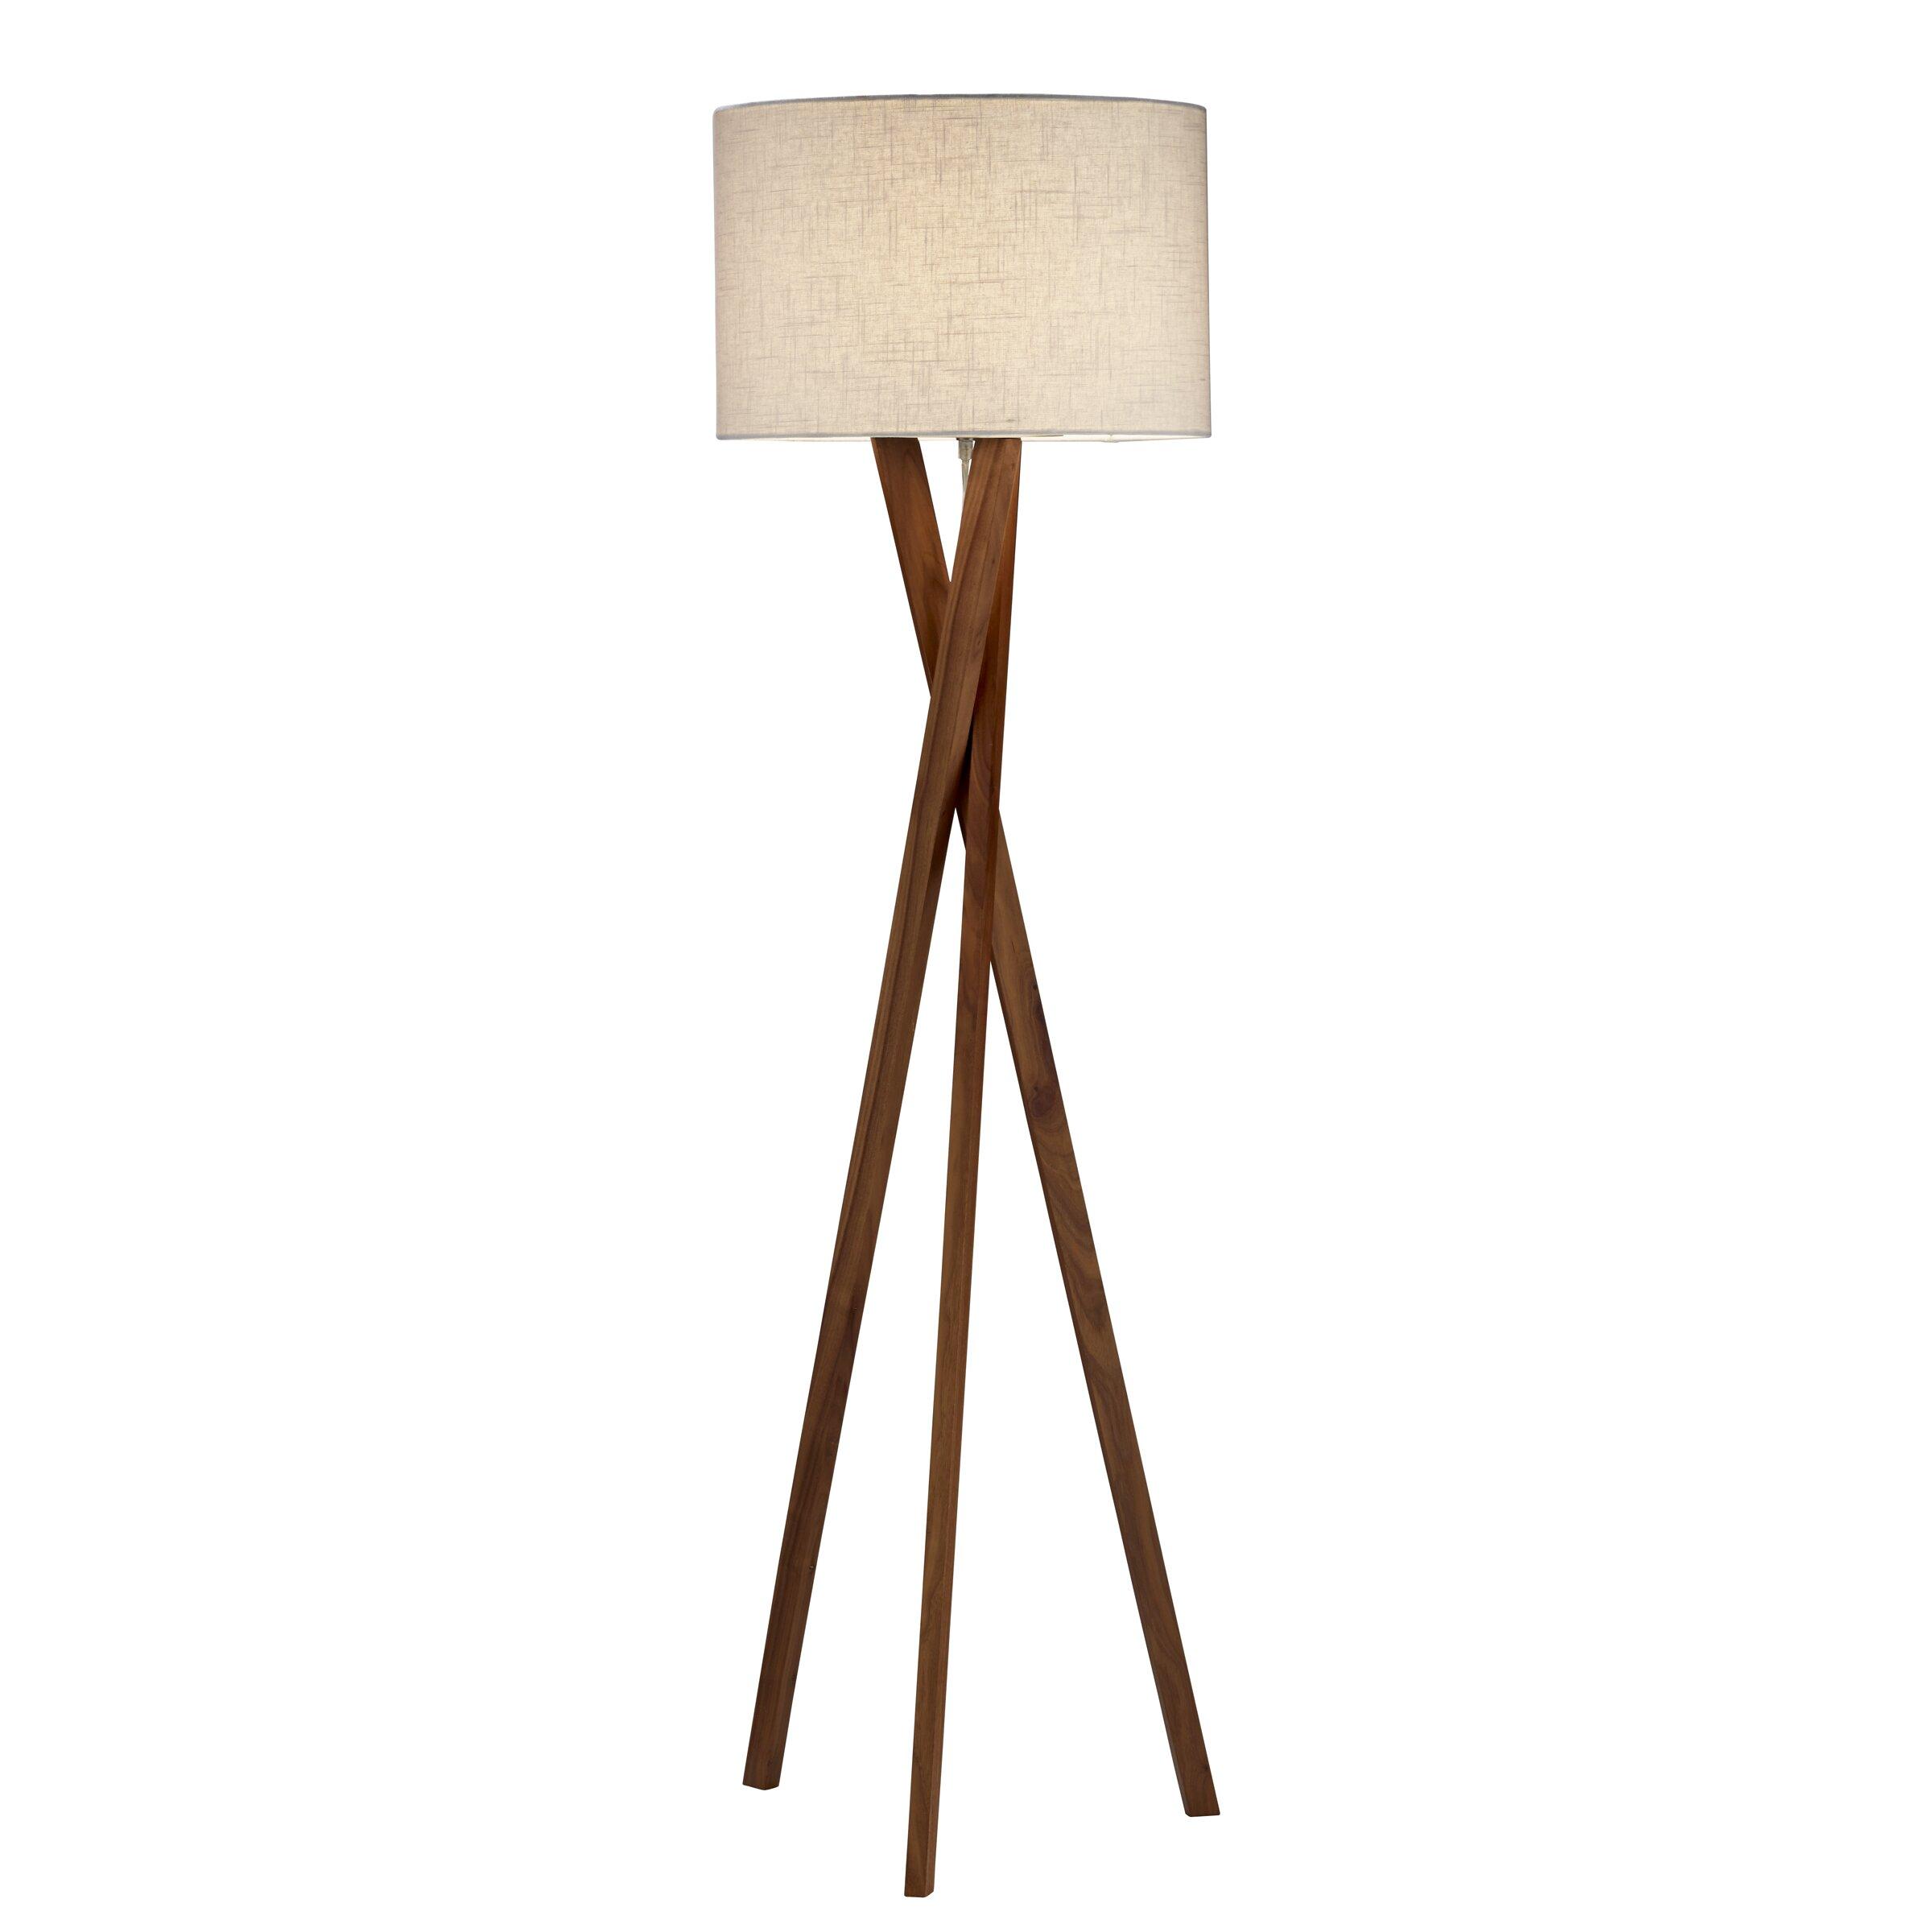 Ikea Floor Lamp With Dimmer ~ Stylish Ikea Floor Lamp Tempe Vate Vidja Orgel Vreten Vaster Review